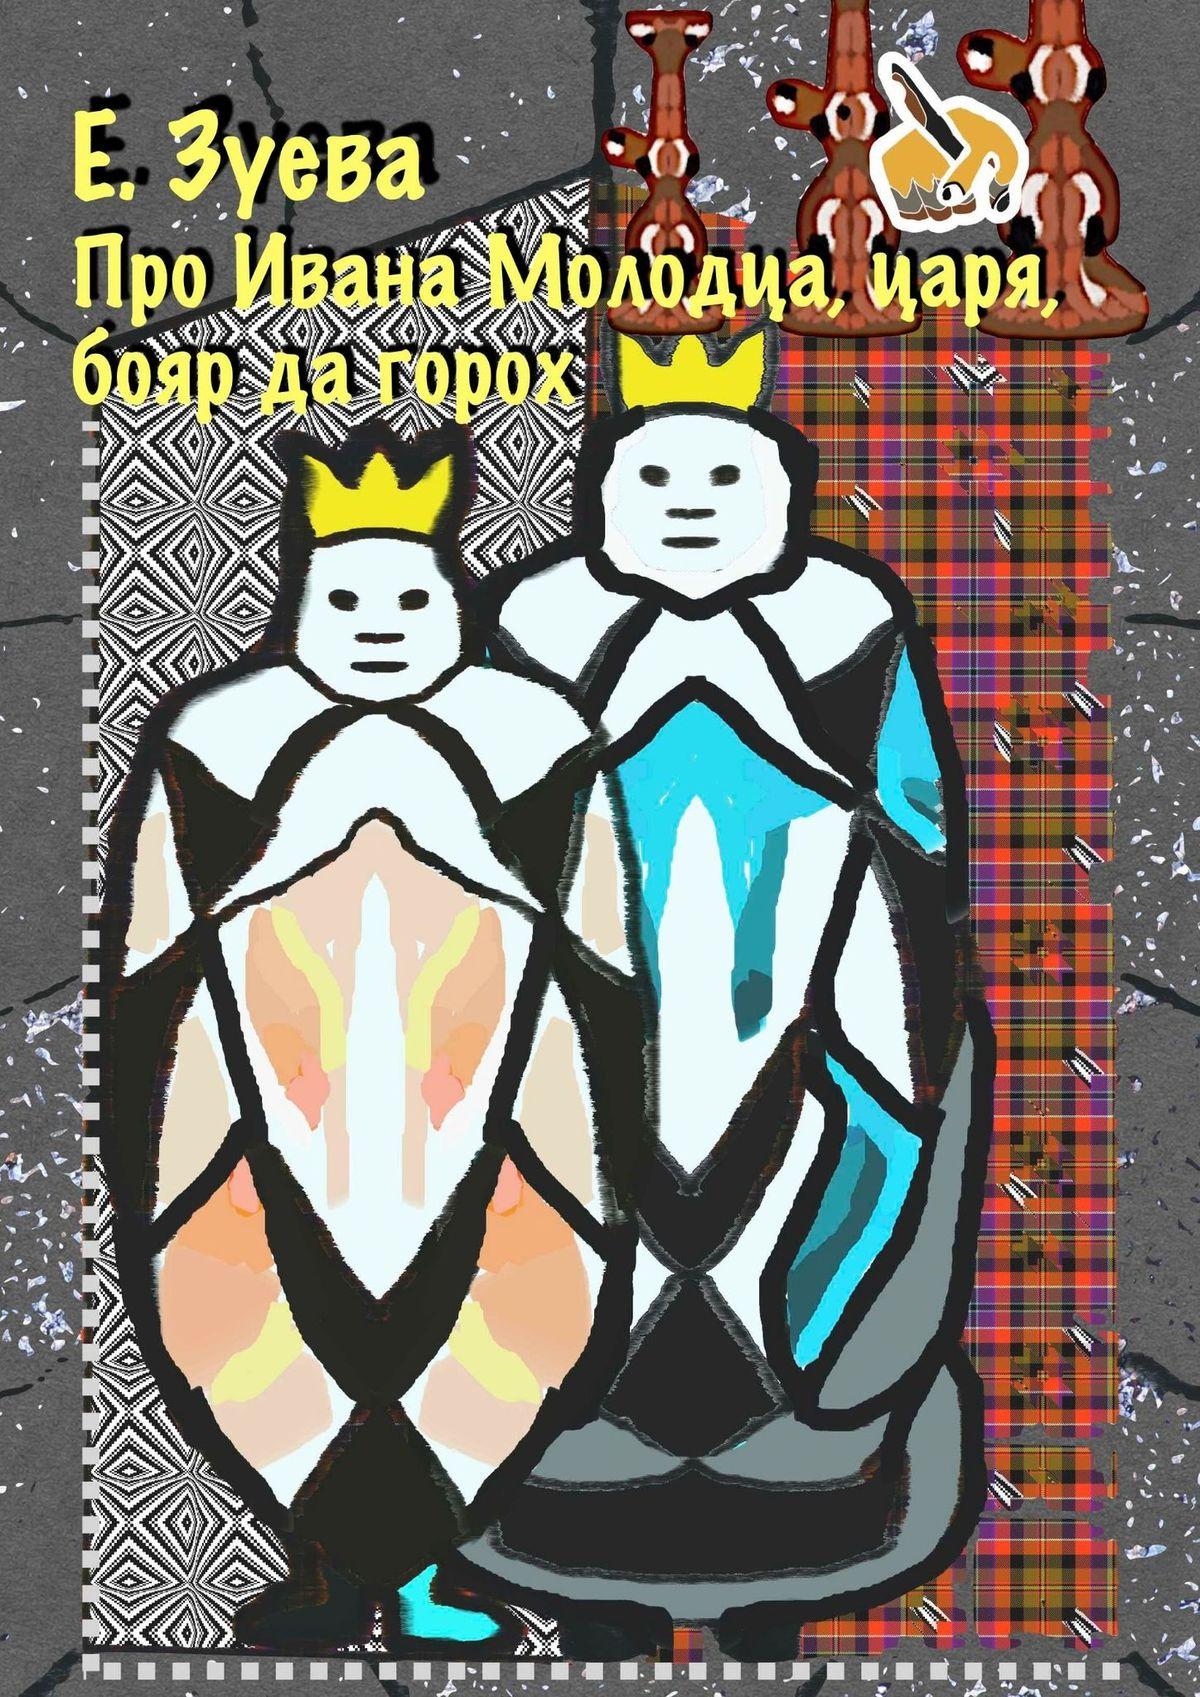 Сказка про Ивана-молодца, царя, бояр да горох. Думы, былины